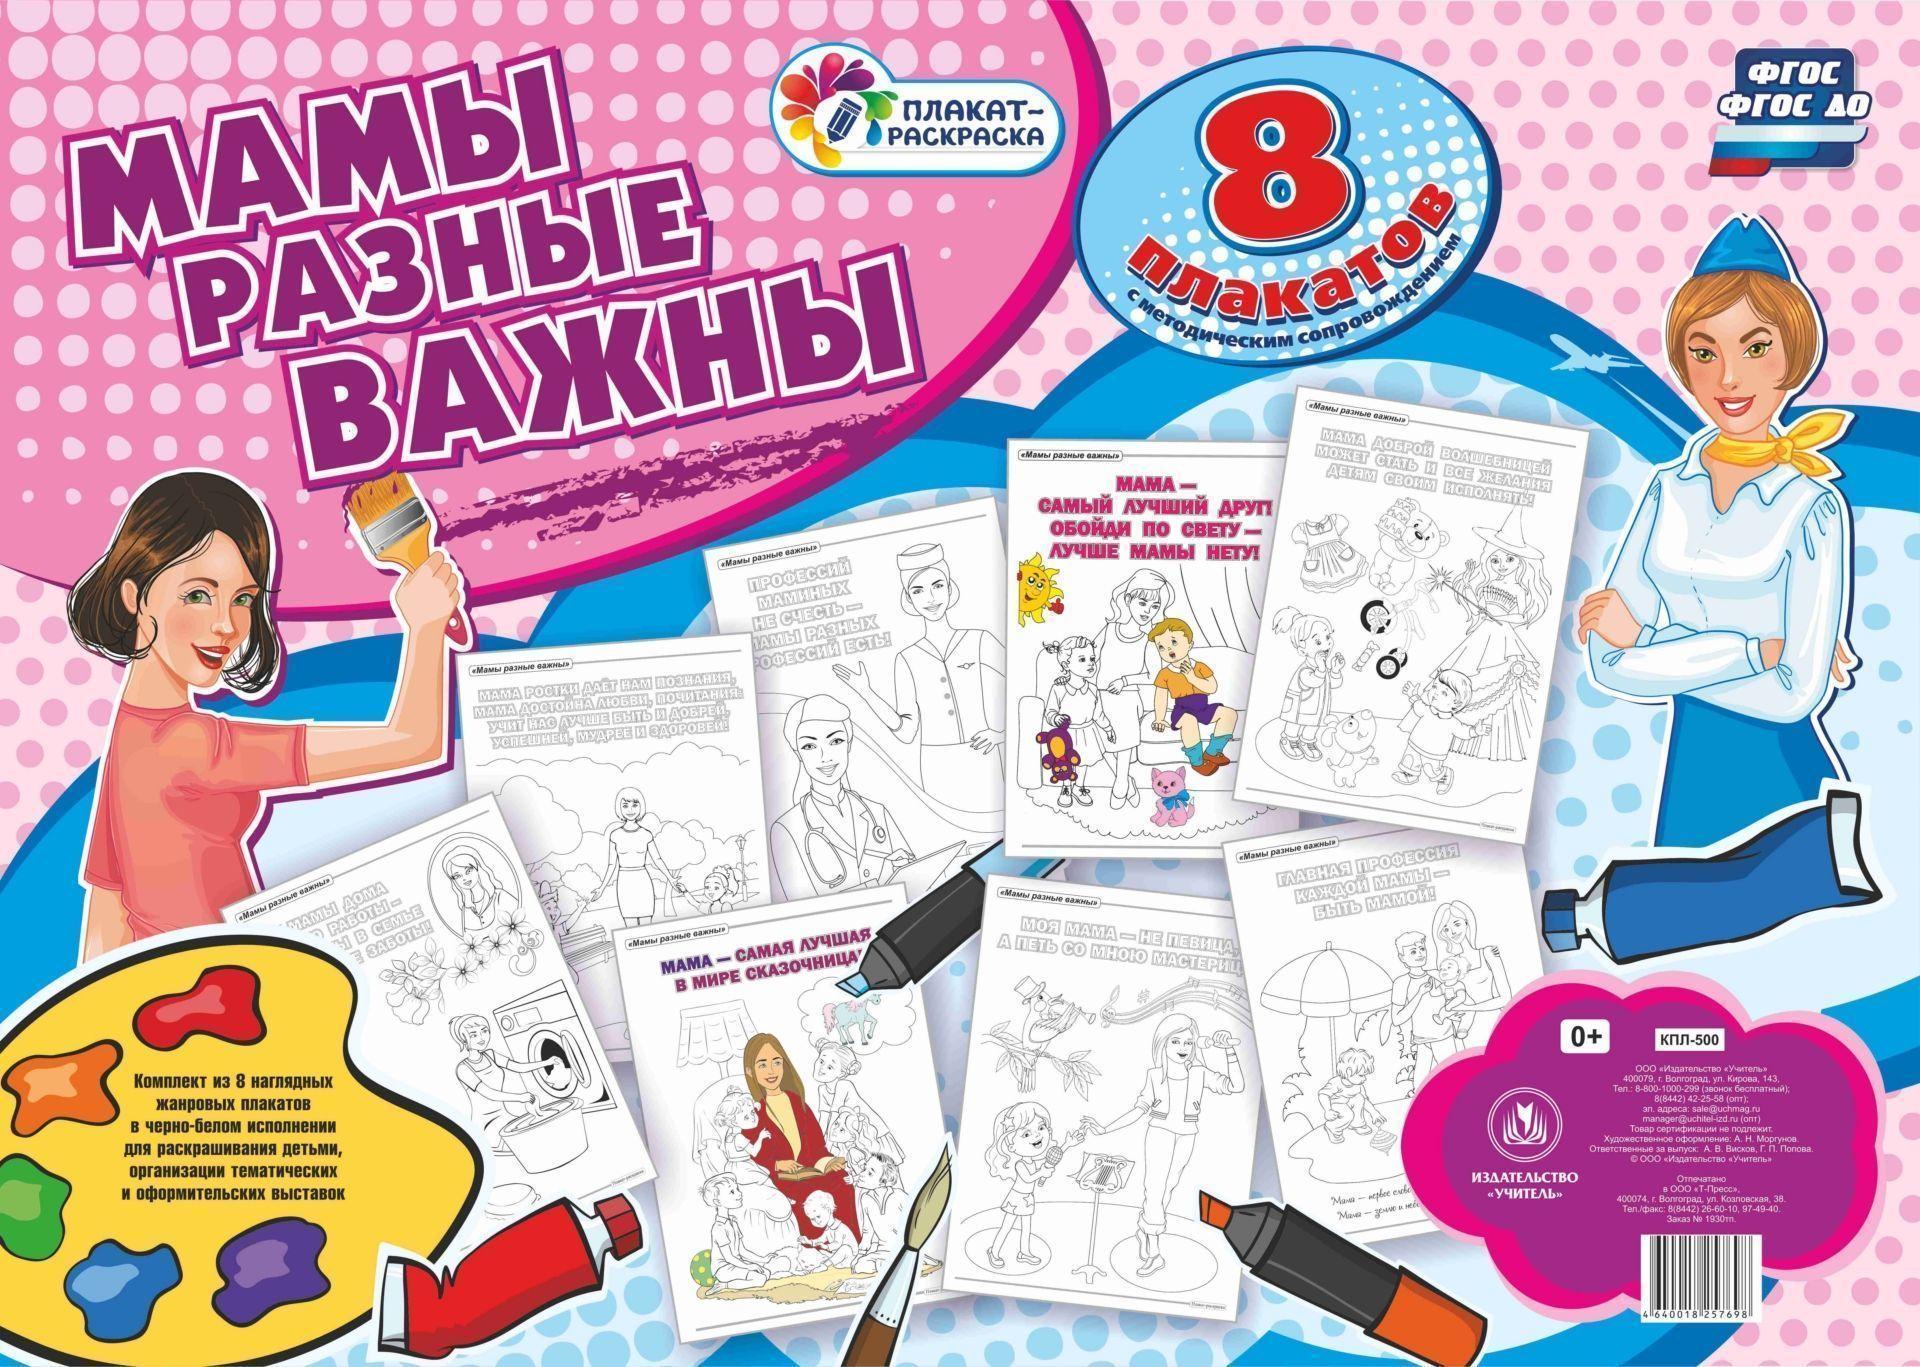 """Купить со скидкой Комплект раскрасок """"Мамы разные важны"""": 8 плакатов  А2 с методическим сопровождением"""